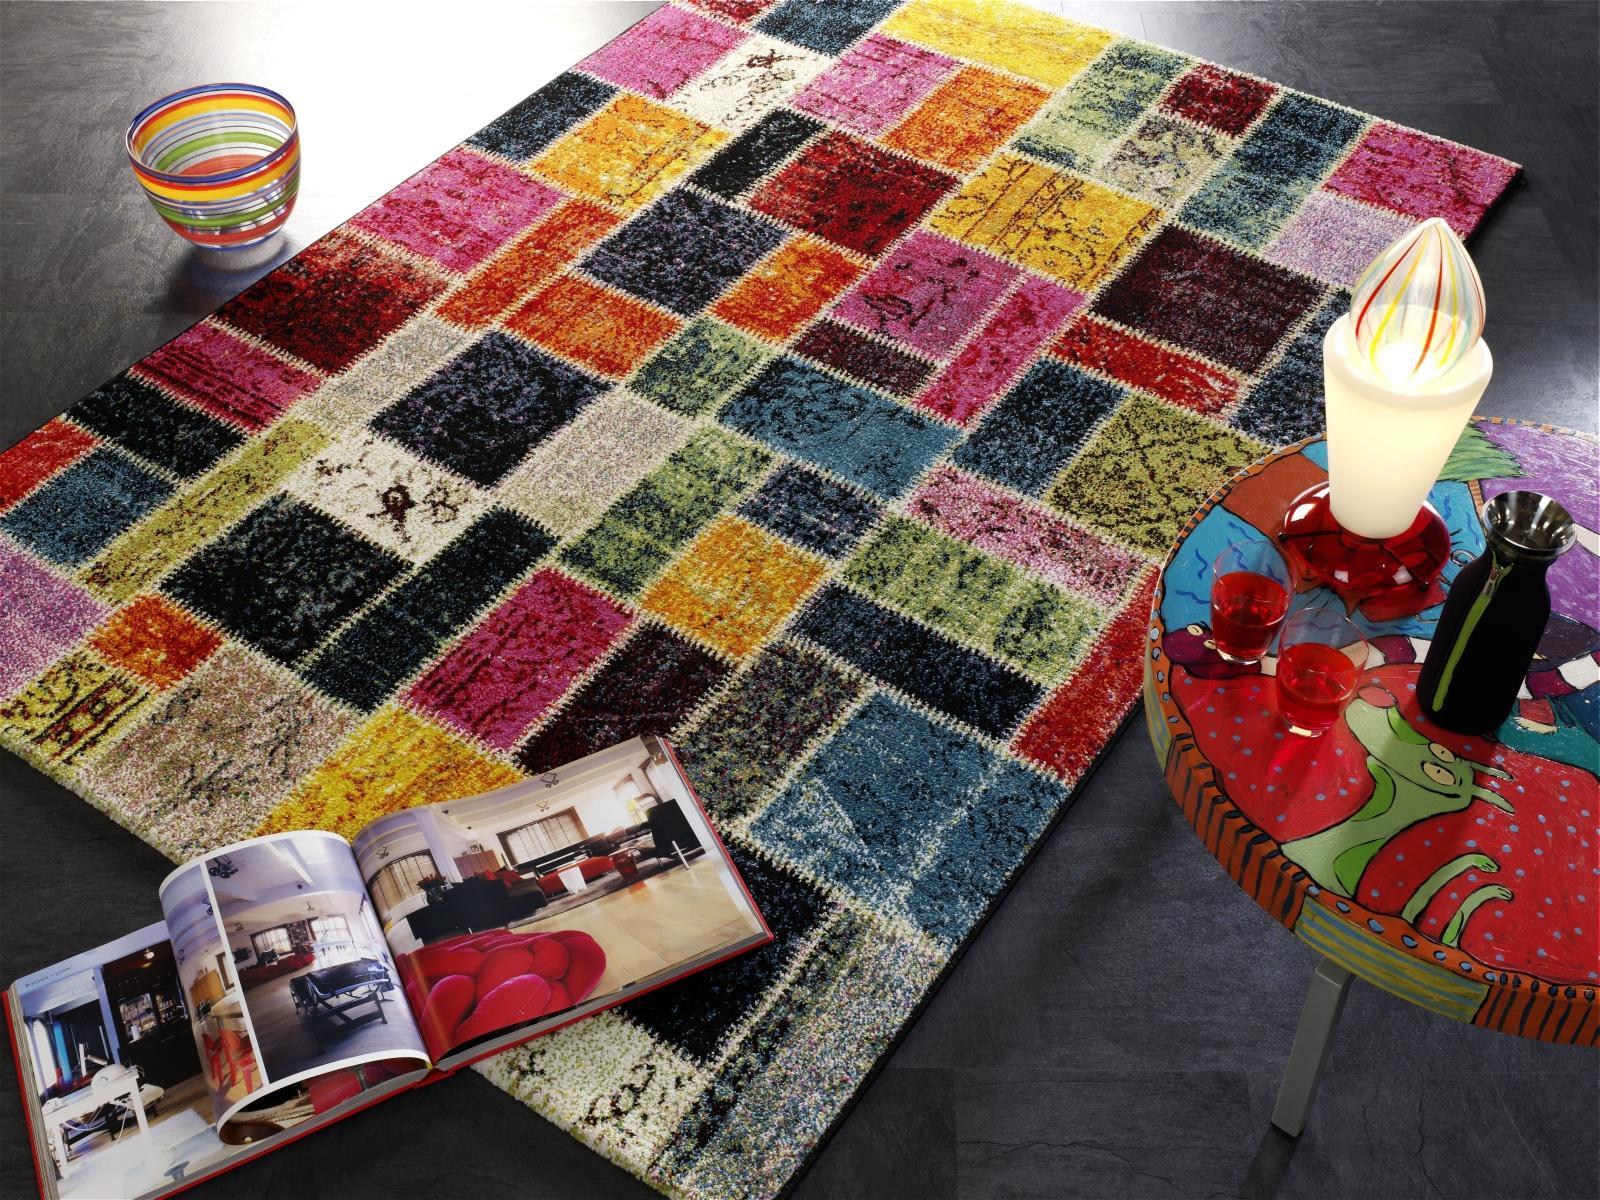 teppich multicolor designer ha037 random patchwork modern 65x130cm bunt ebay. Black Bedroom Furniture Sets. Home Design Ideas